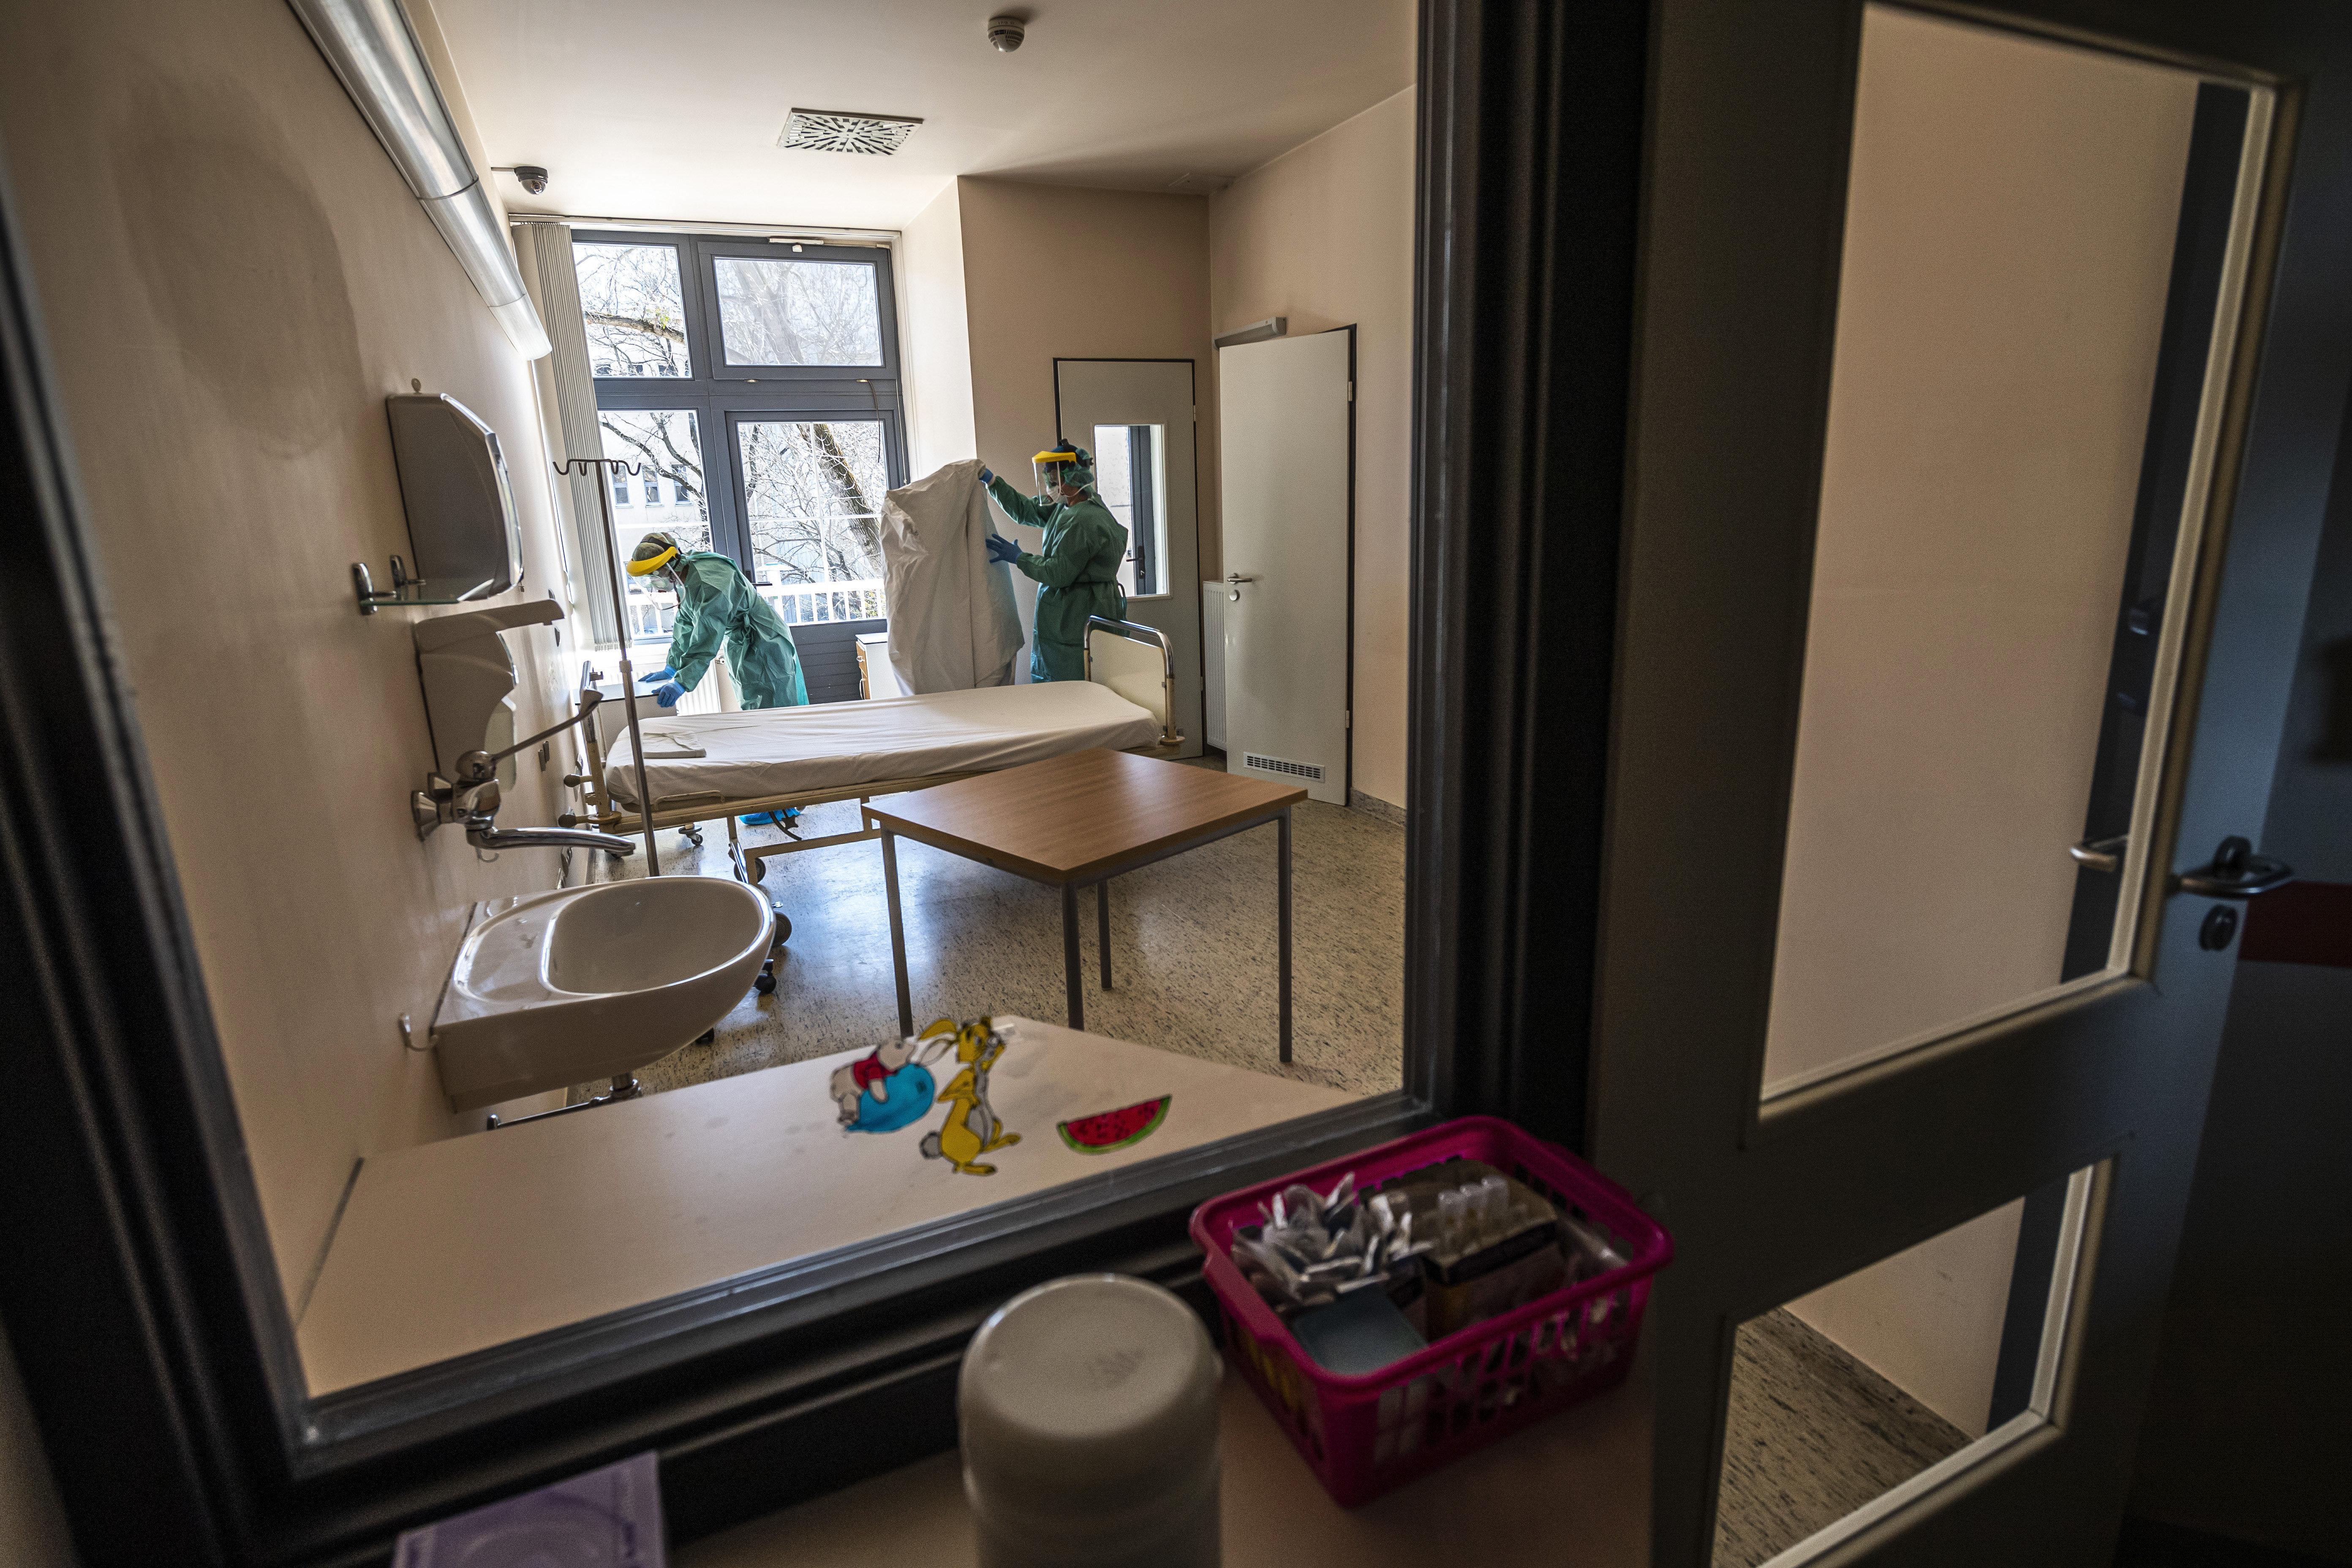 Megkezdték a remdesivir klinikai tesztjeit Magyarországon is